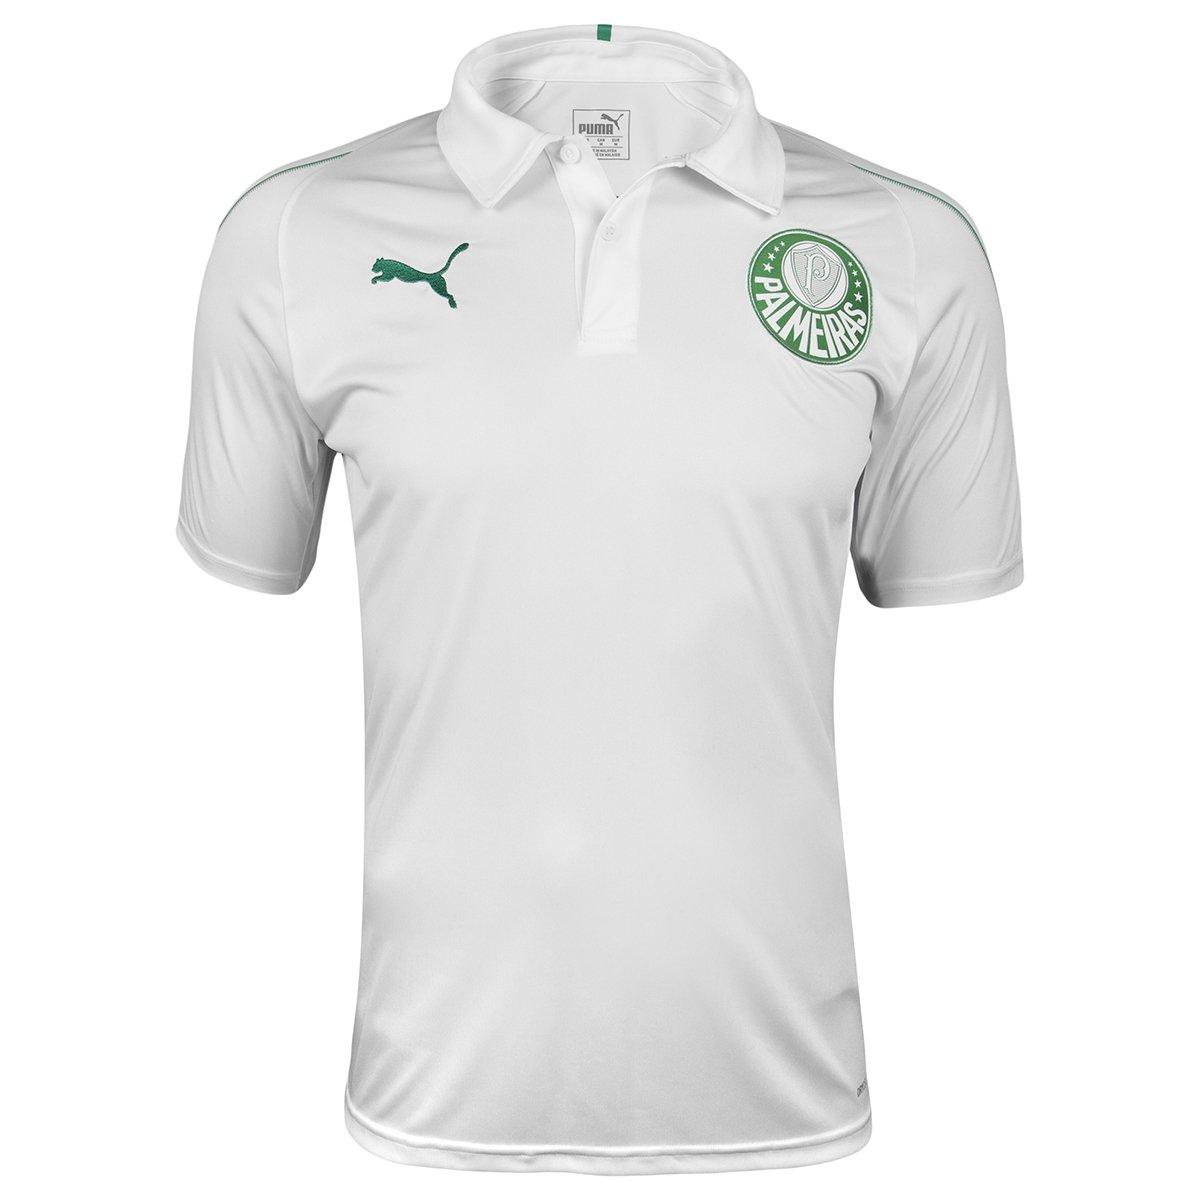 Camisa Polo Palmeiras 19 20 Puma Masculina - Branco - Compre Agora ... 2c55b08f9d3c2